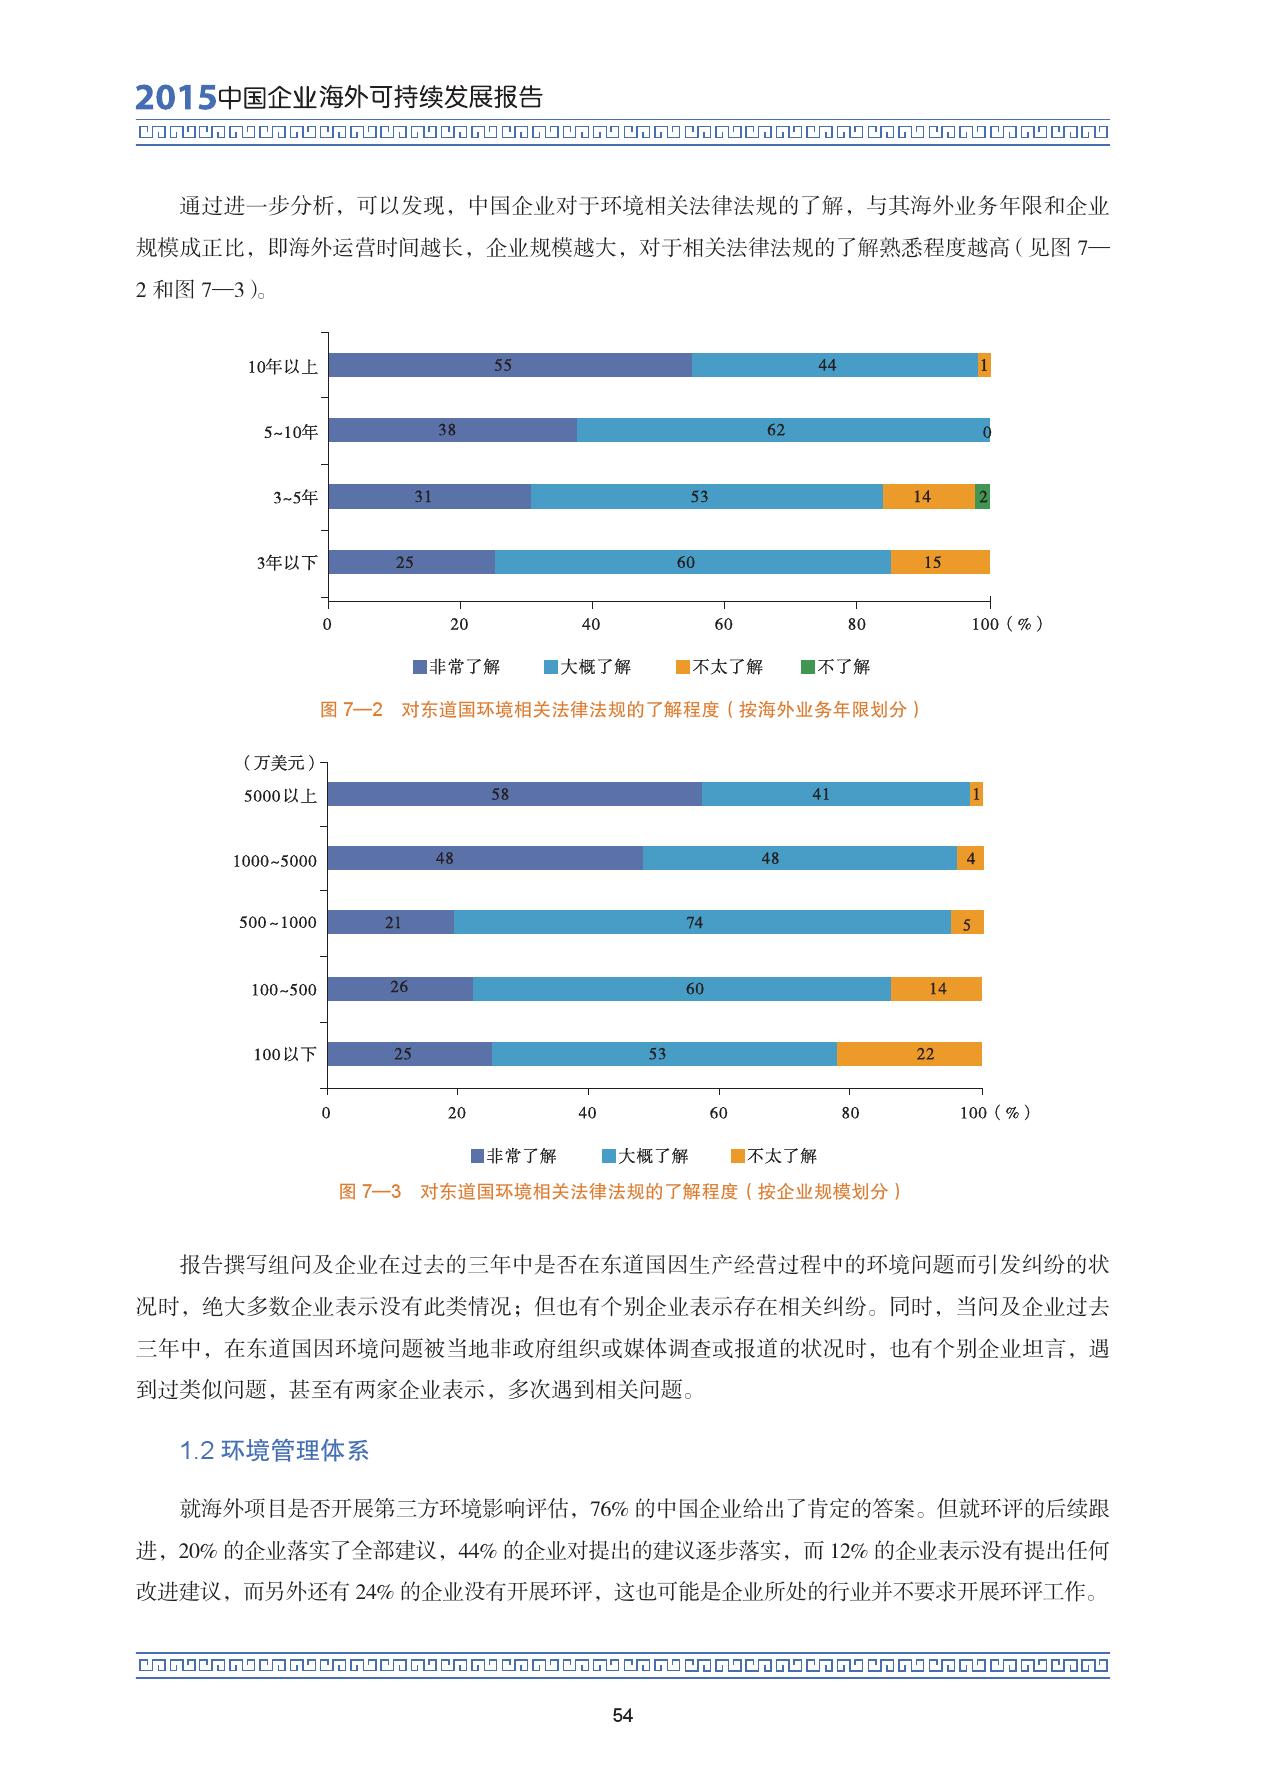 2015中国企业海外可持续发展报告_000068